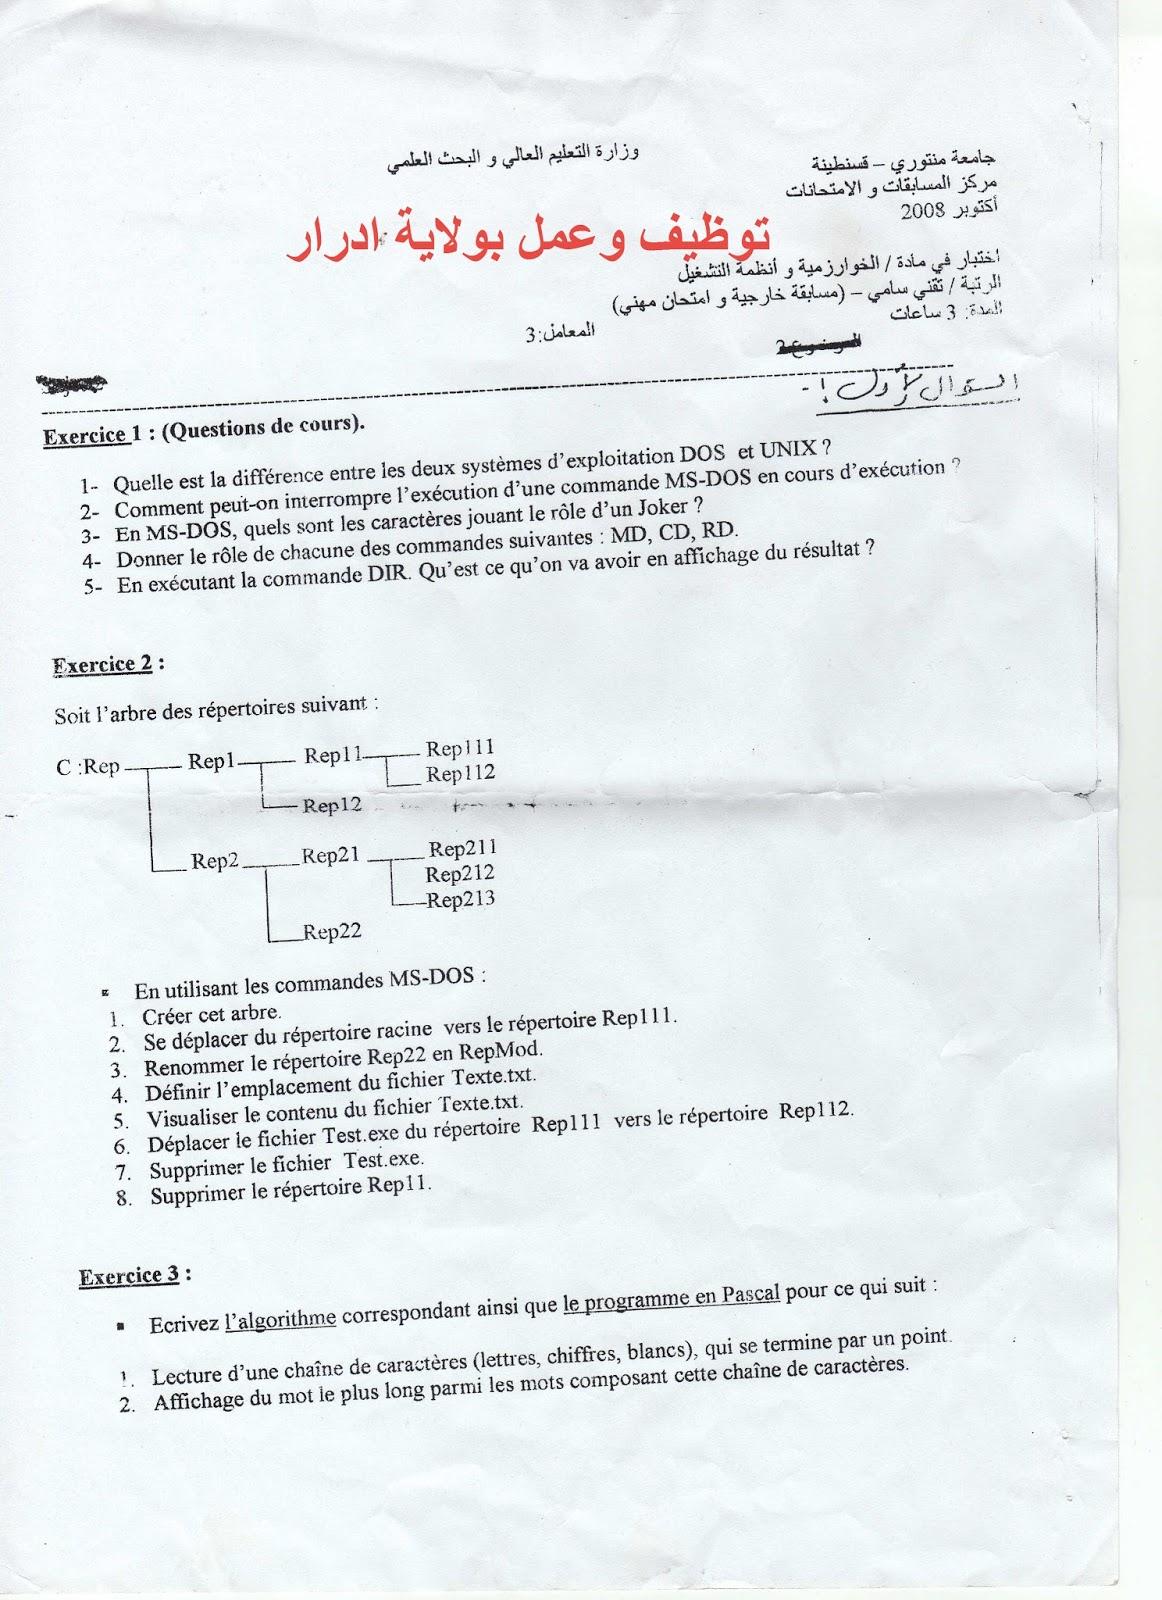 توظيف وعمل بولاية ادرار نماذج اسئلة التوظيف لمختلف الرتب للوظيف العمومي في الجزائر